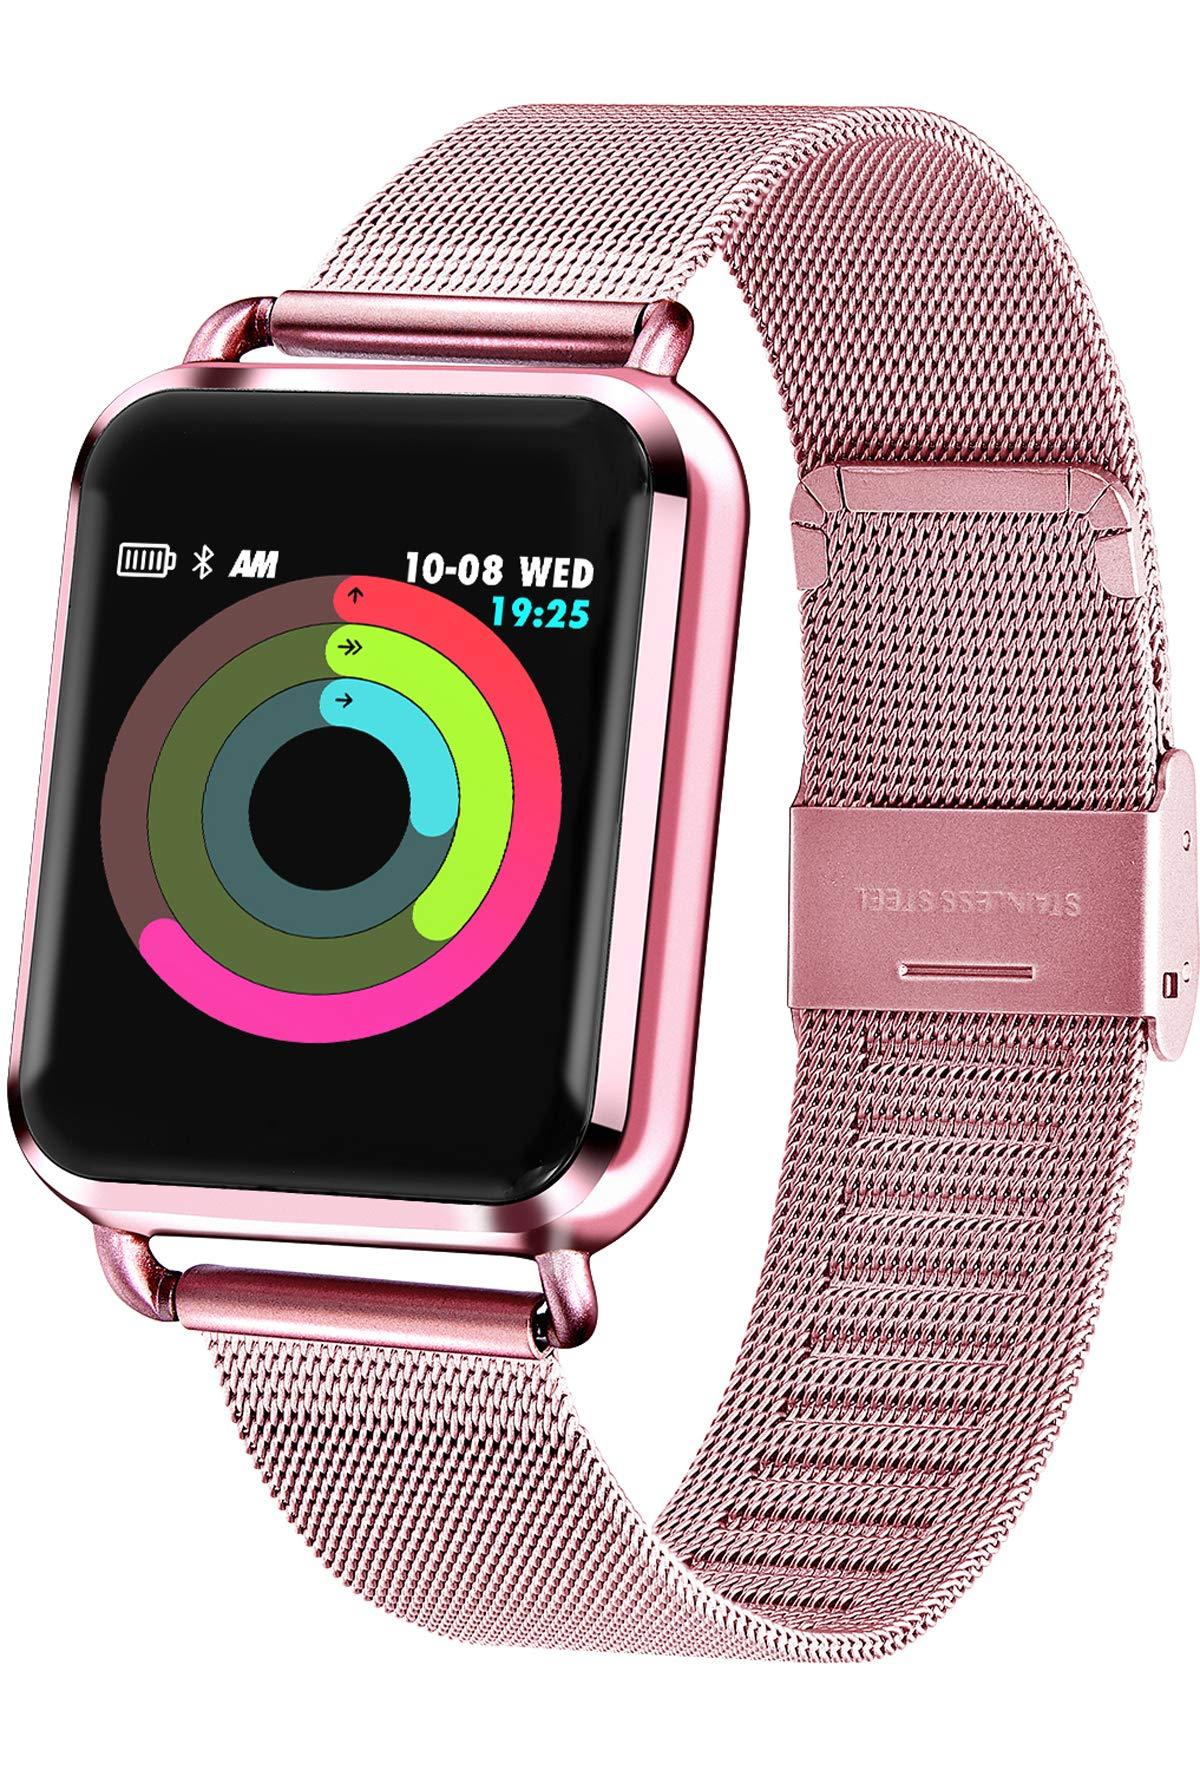 Smartwatch-Fitness-Tracker-Armbanduhr-Pulsmesser-Schrittzhler-Kalorienzhler-Schlaftracker-Sportuhr-Touchscreen-Aktivittstracker-fr-Damen-Herren